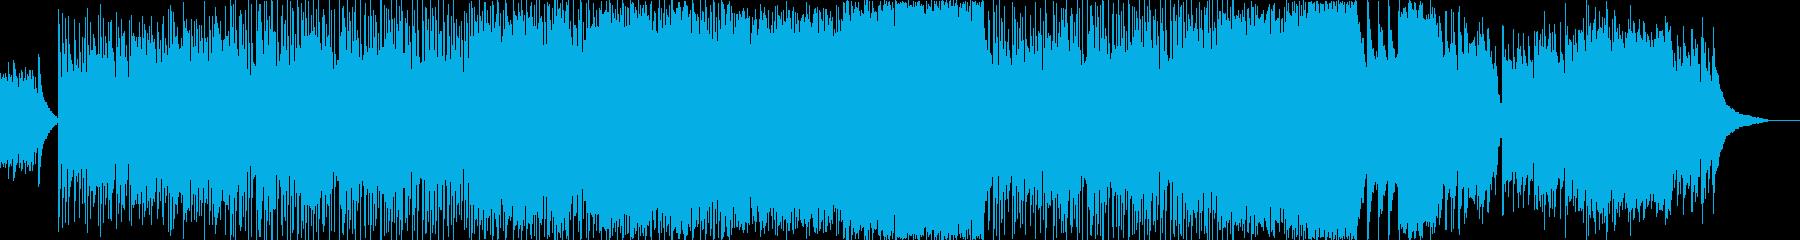 シンプルさがカッコいいジャジーなプログレの再生済みの波形